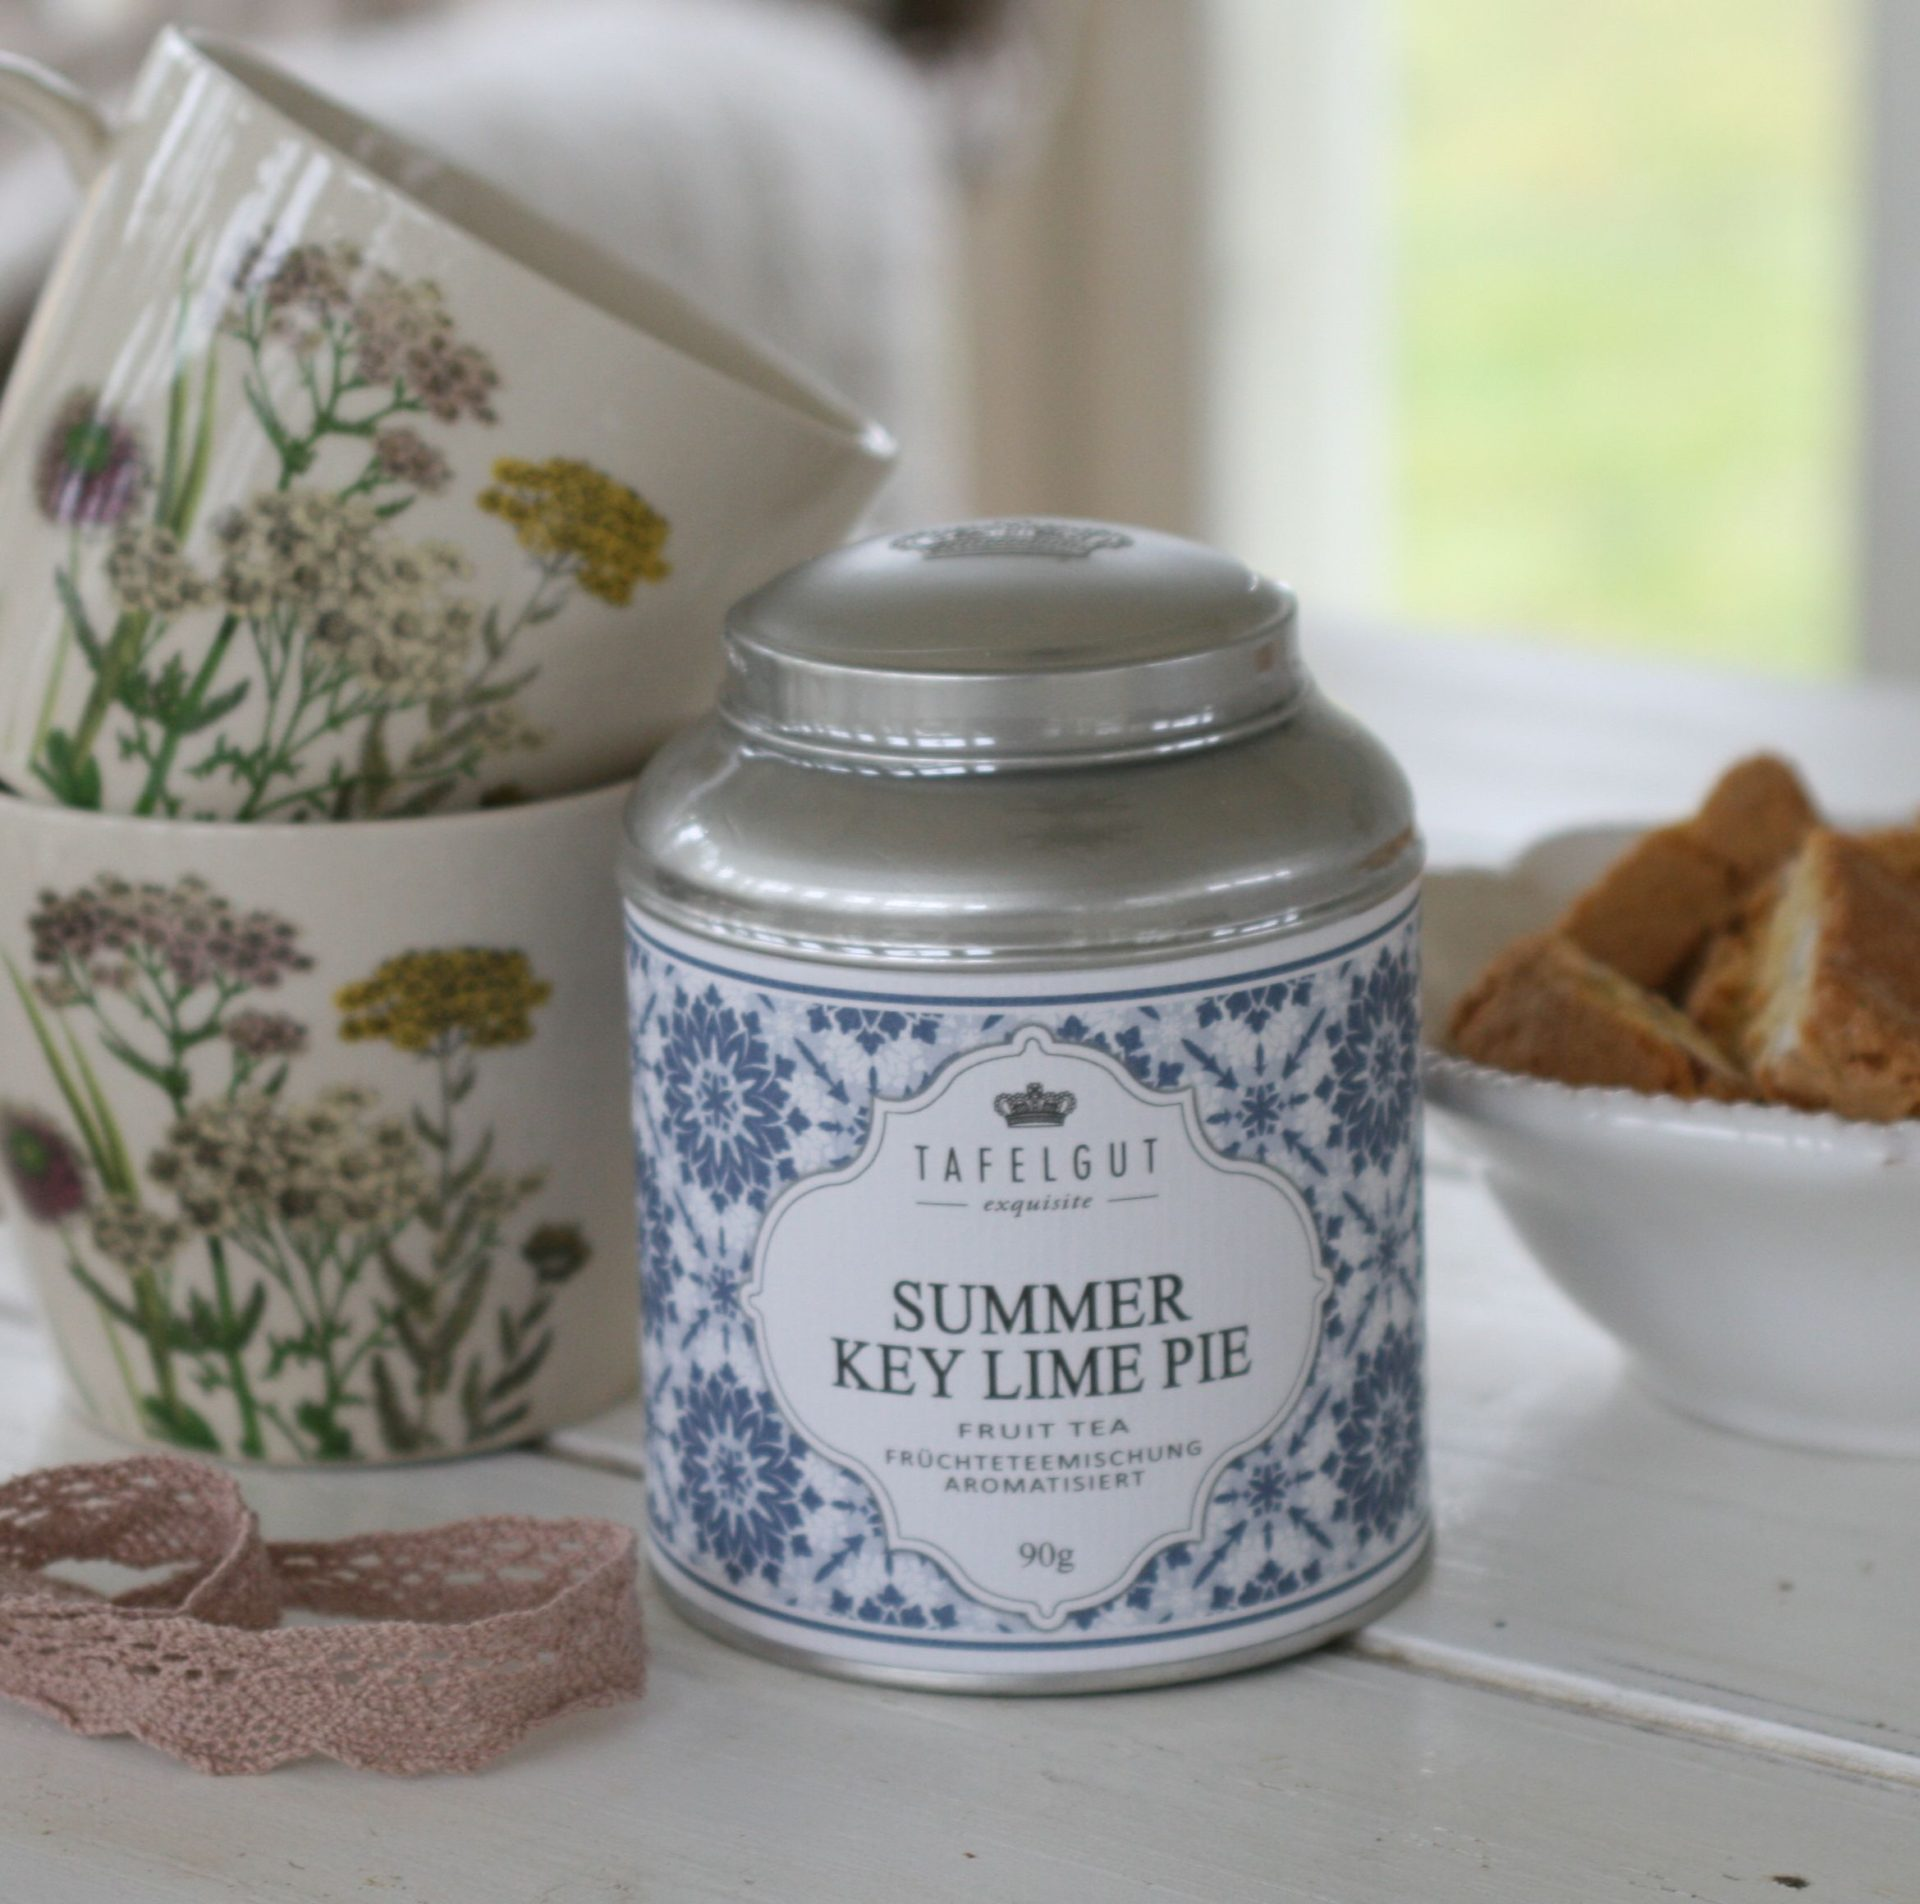 Tafelgut - Summer key lime pie tea